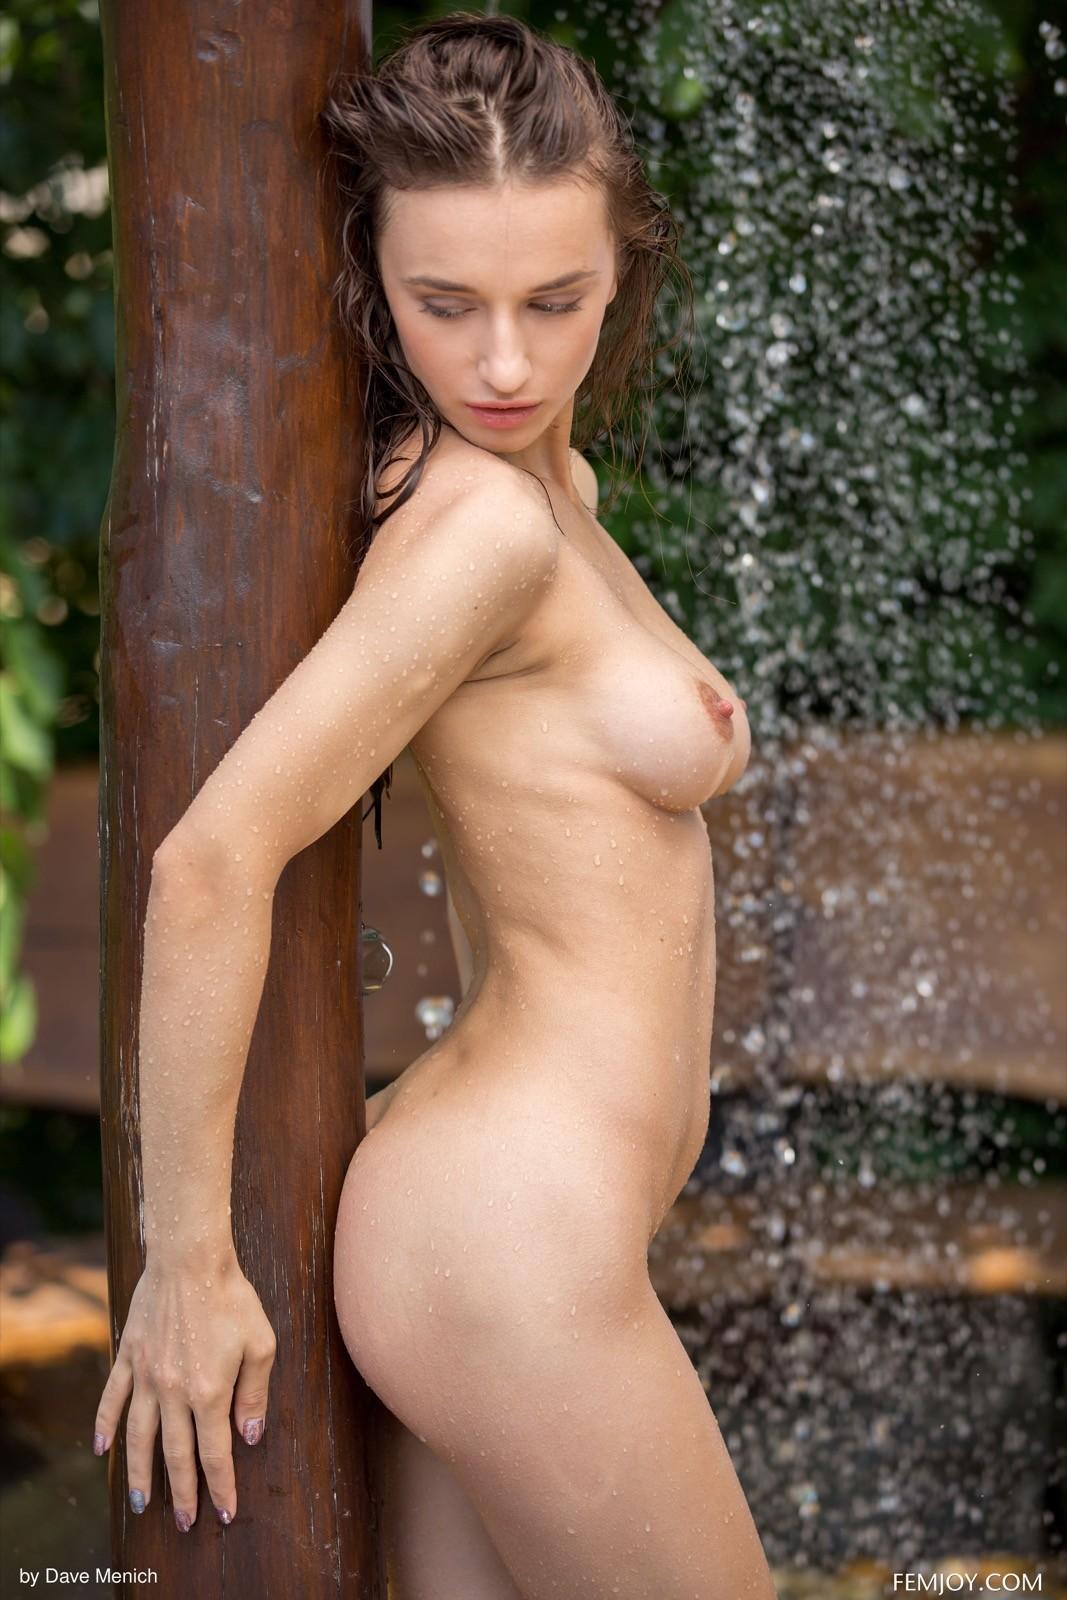 Девушка с красивой грудью принимает душ - фото